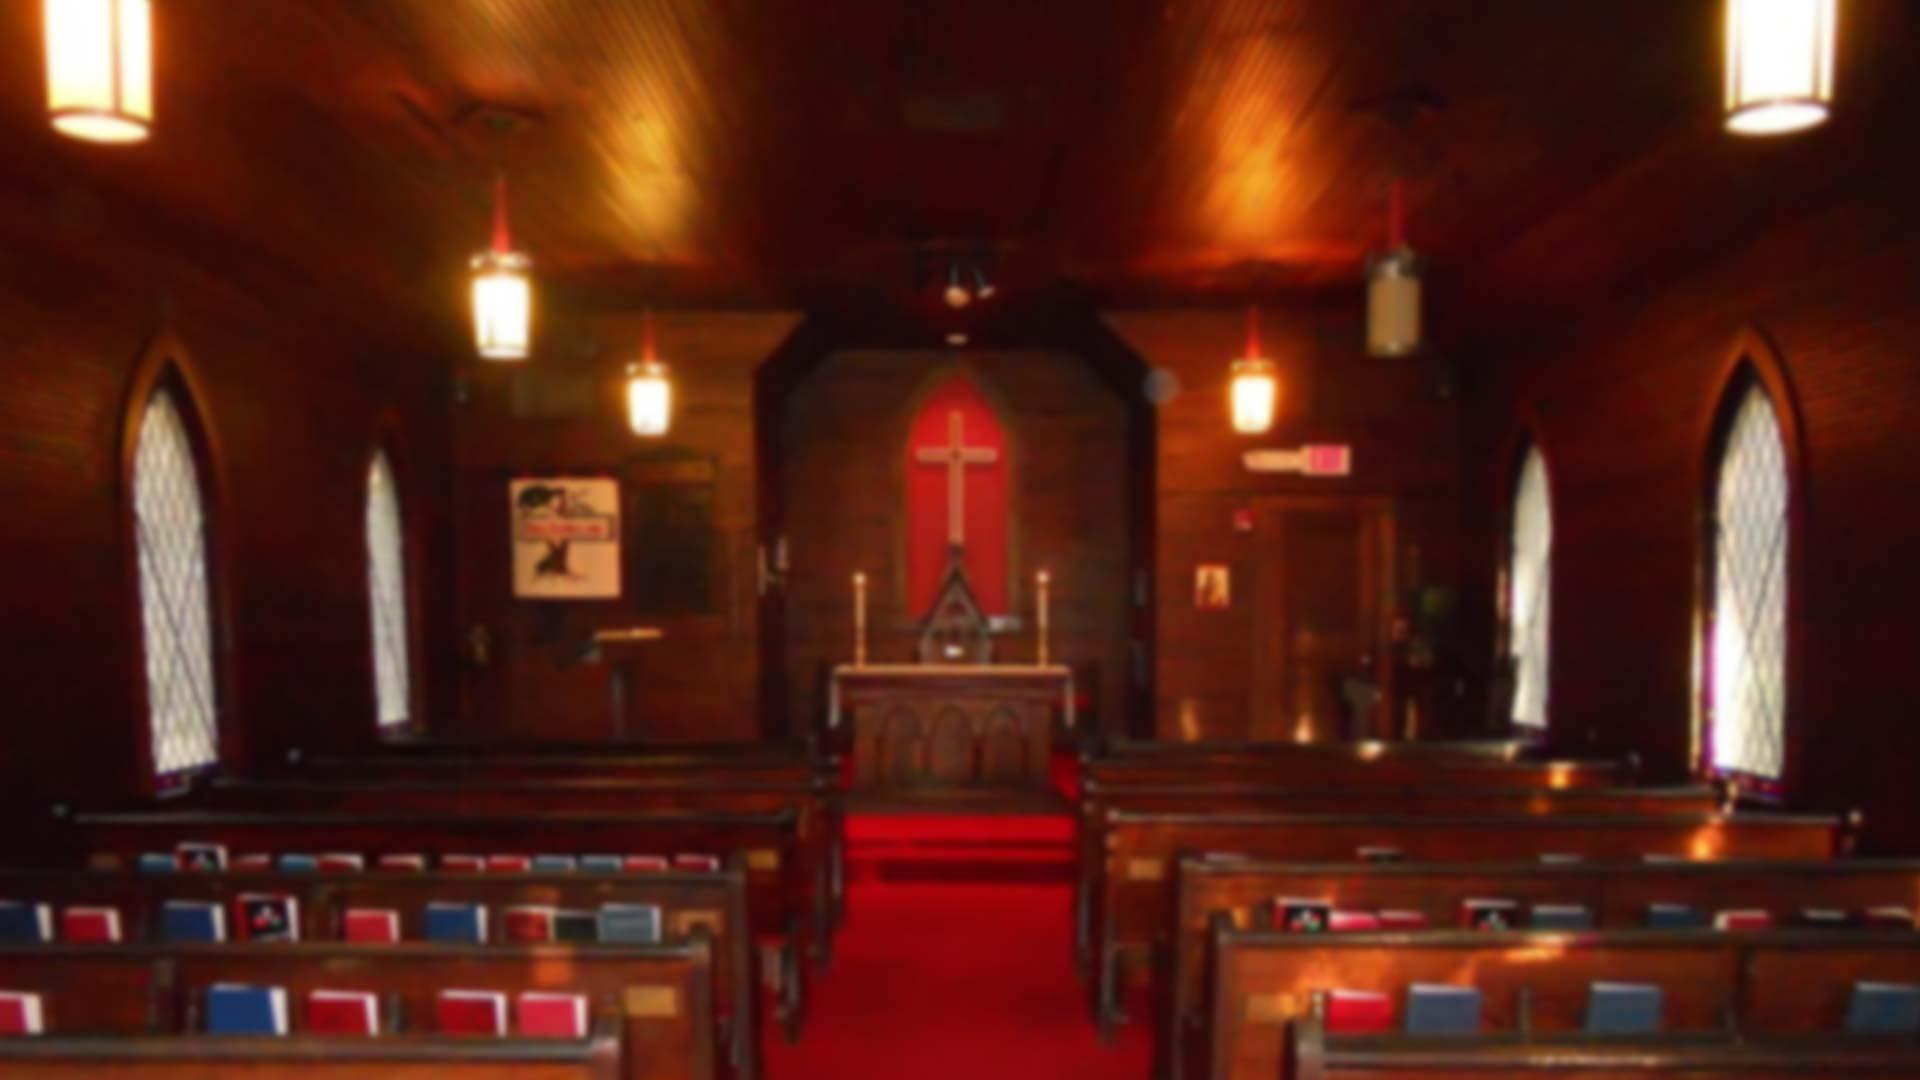 parrish-episcopal-church-banner-01-blurred